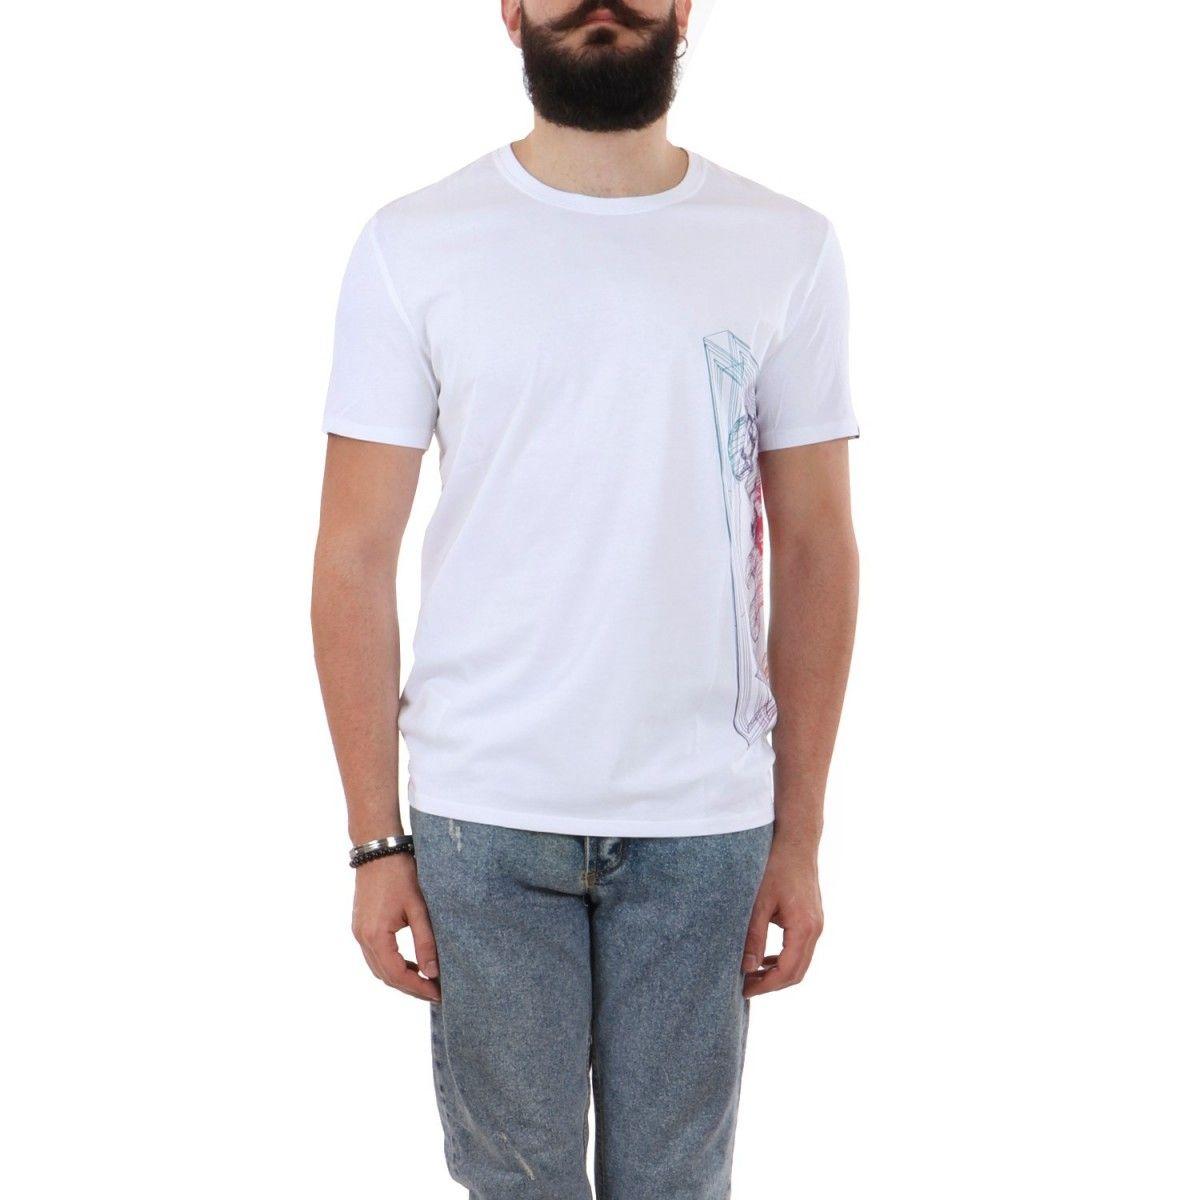 Guess T-shirt Bianco...